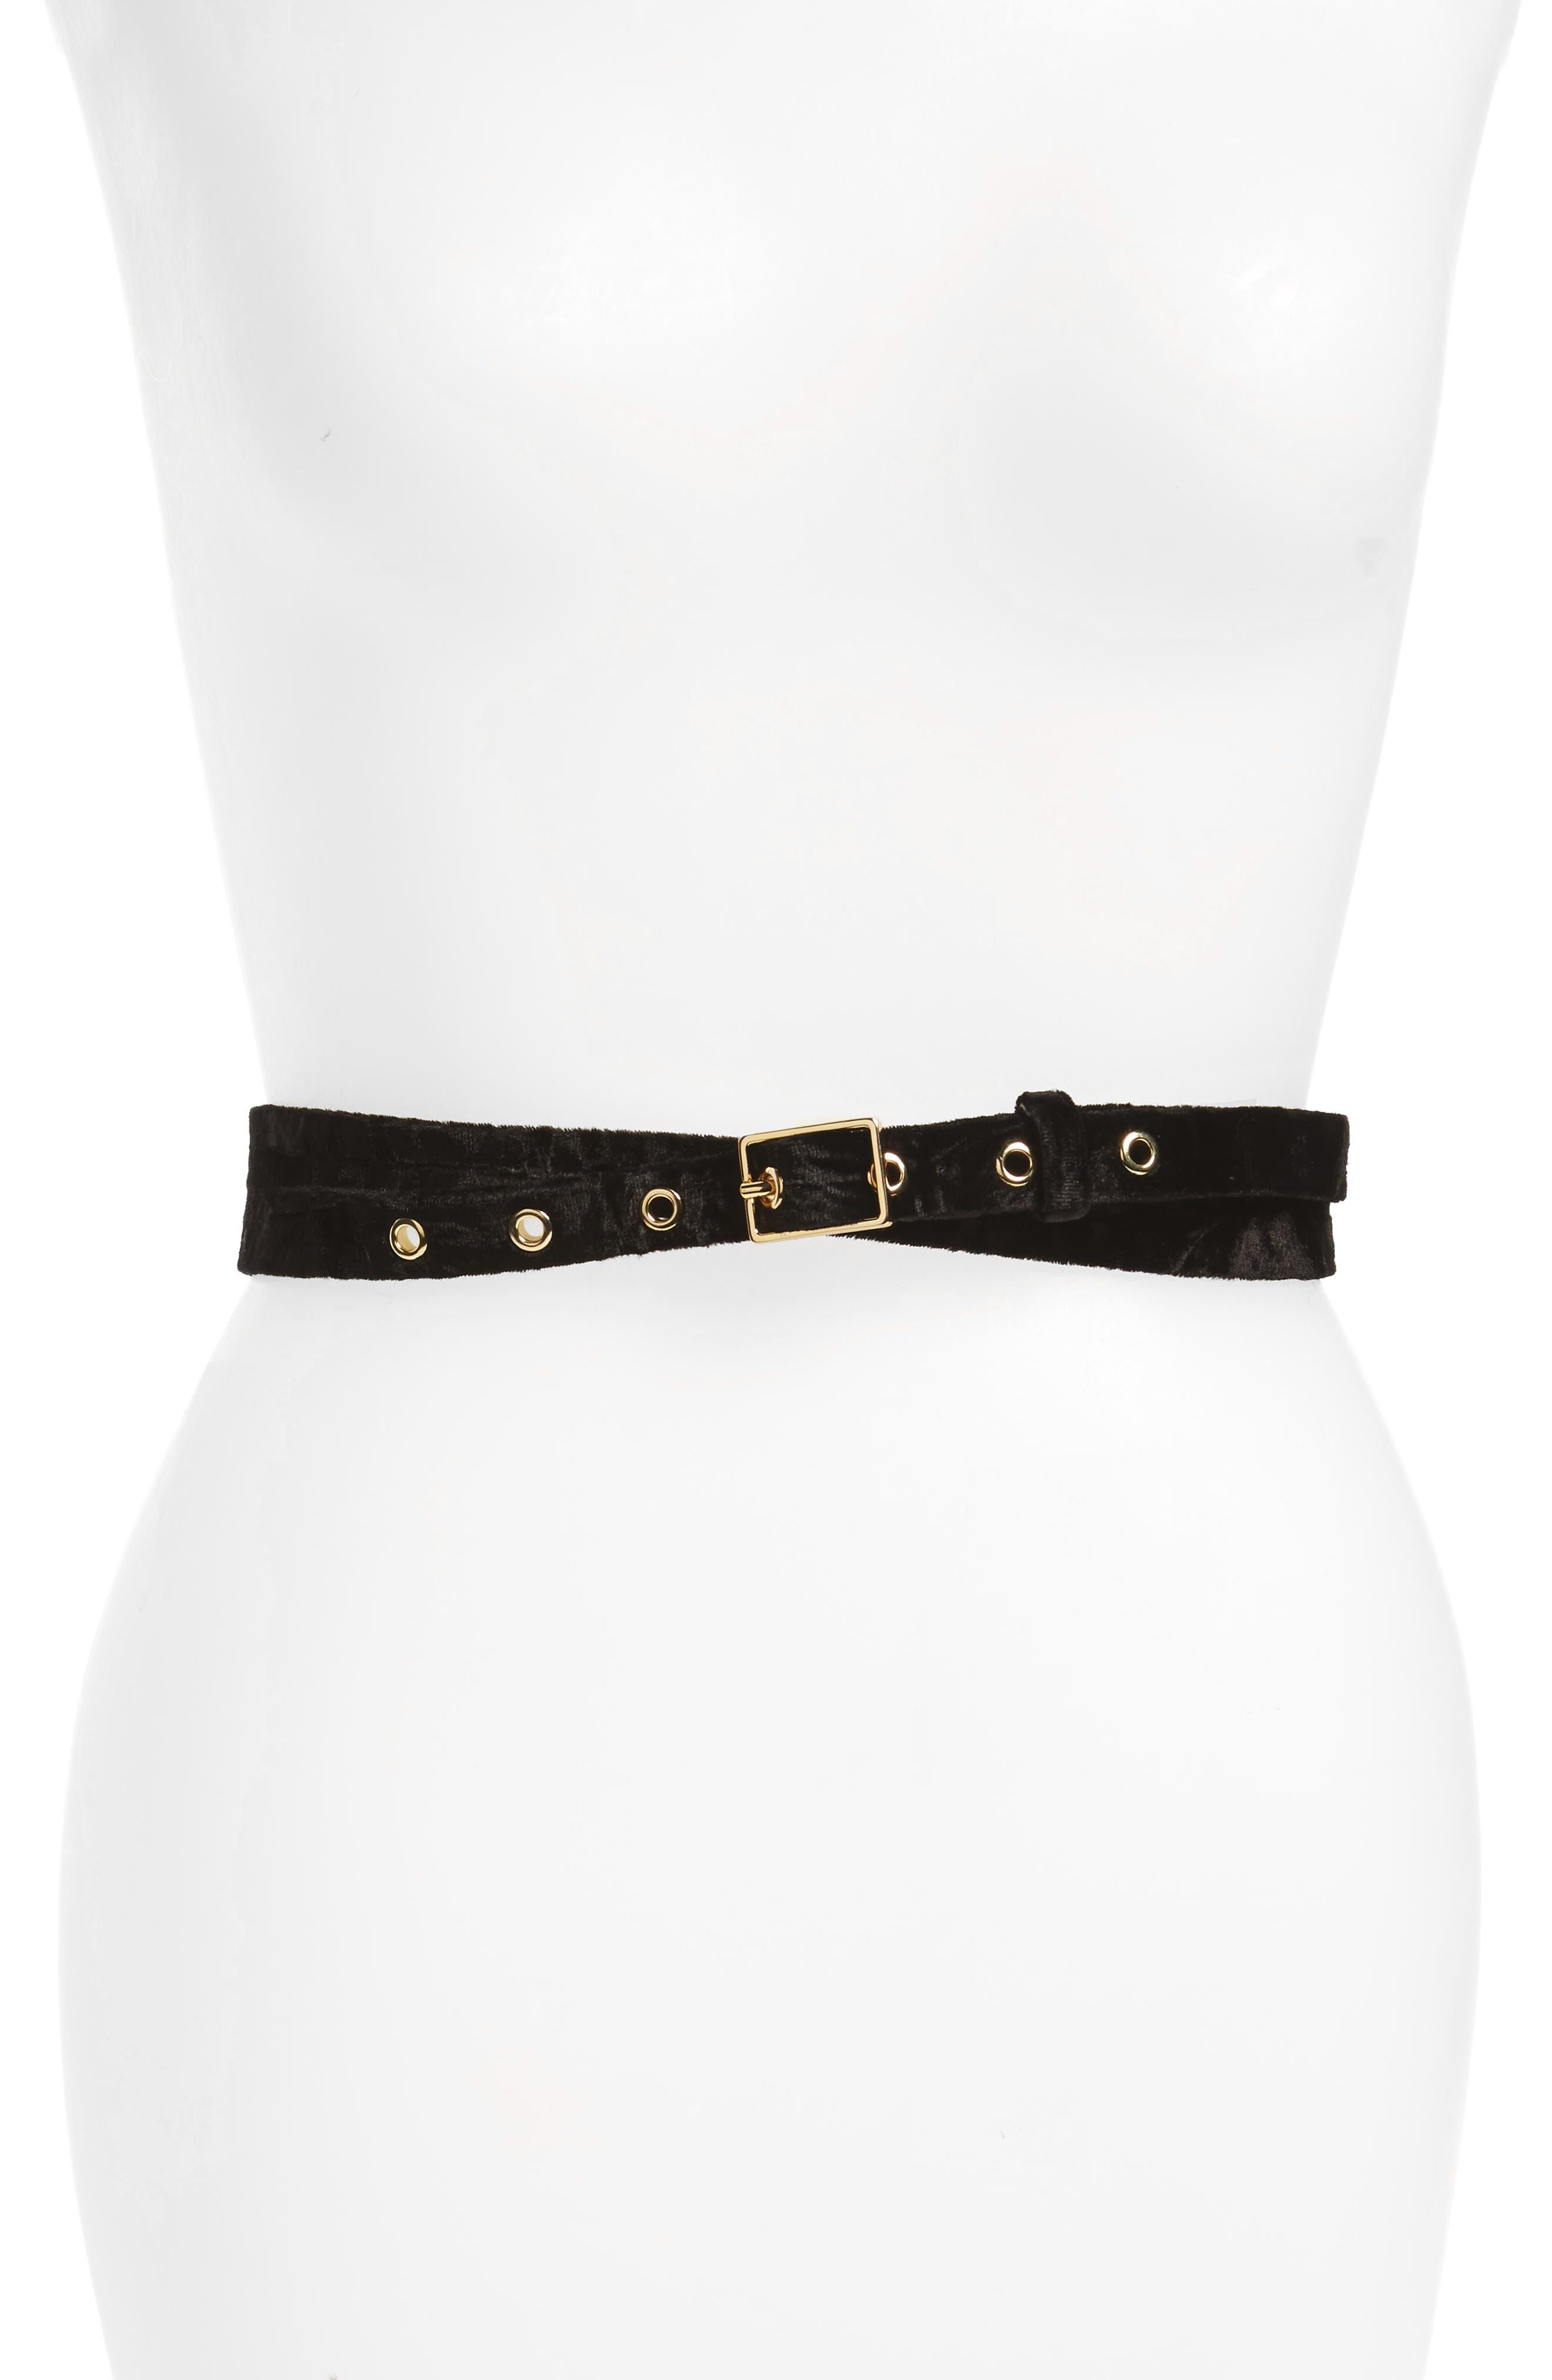 Alternate Image 1 Selected - Rebecca Minkoff Velvet Double Wrap Belt